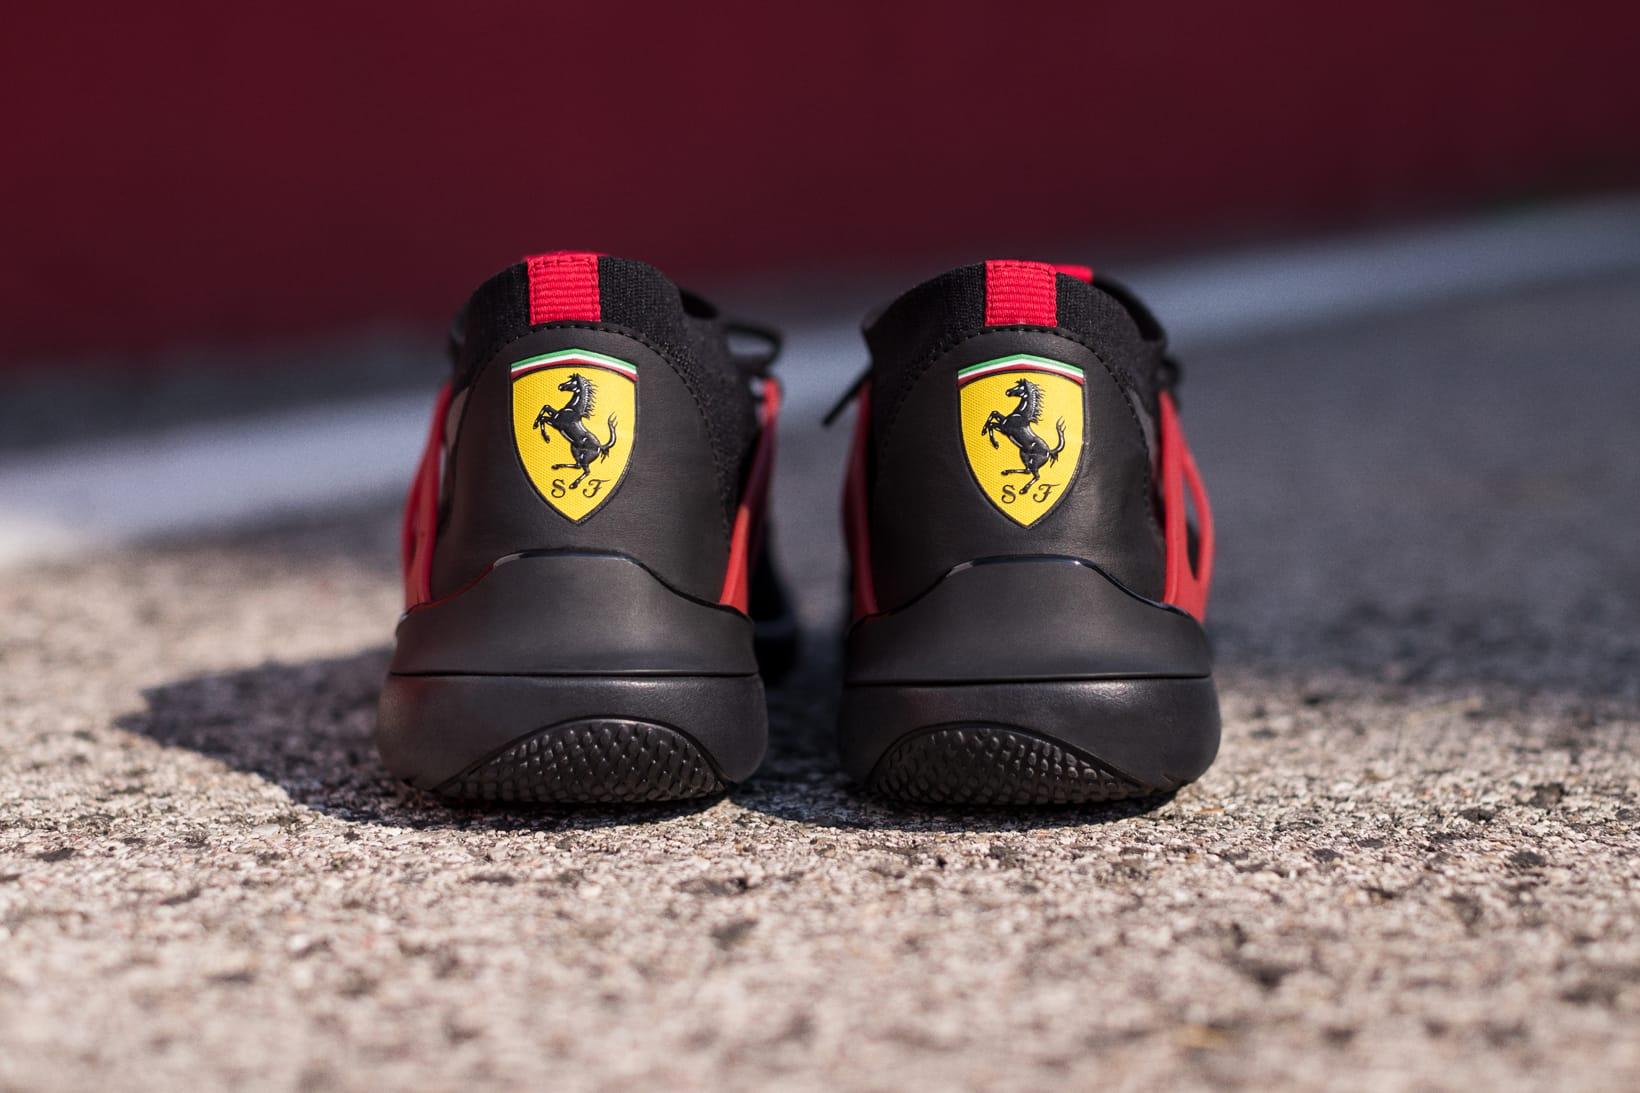 Scuderia Ferrari x PUMA Evo Cat Lace